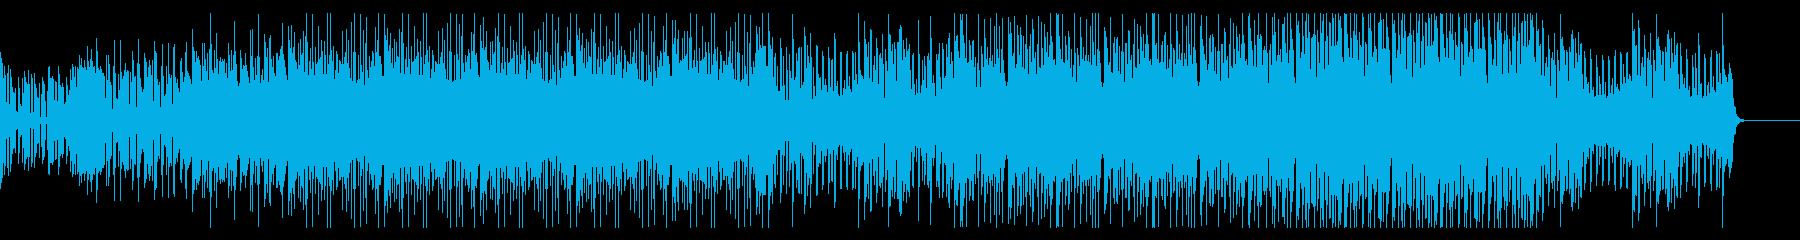 ファンキーで踊れるエレクトリックハウスの再生済みの波形